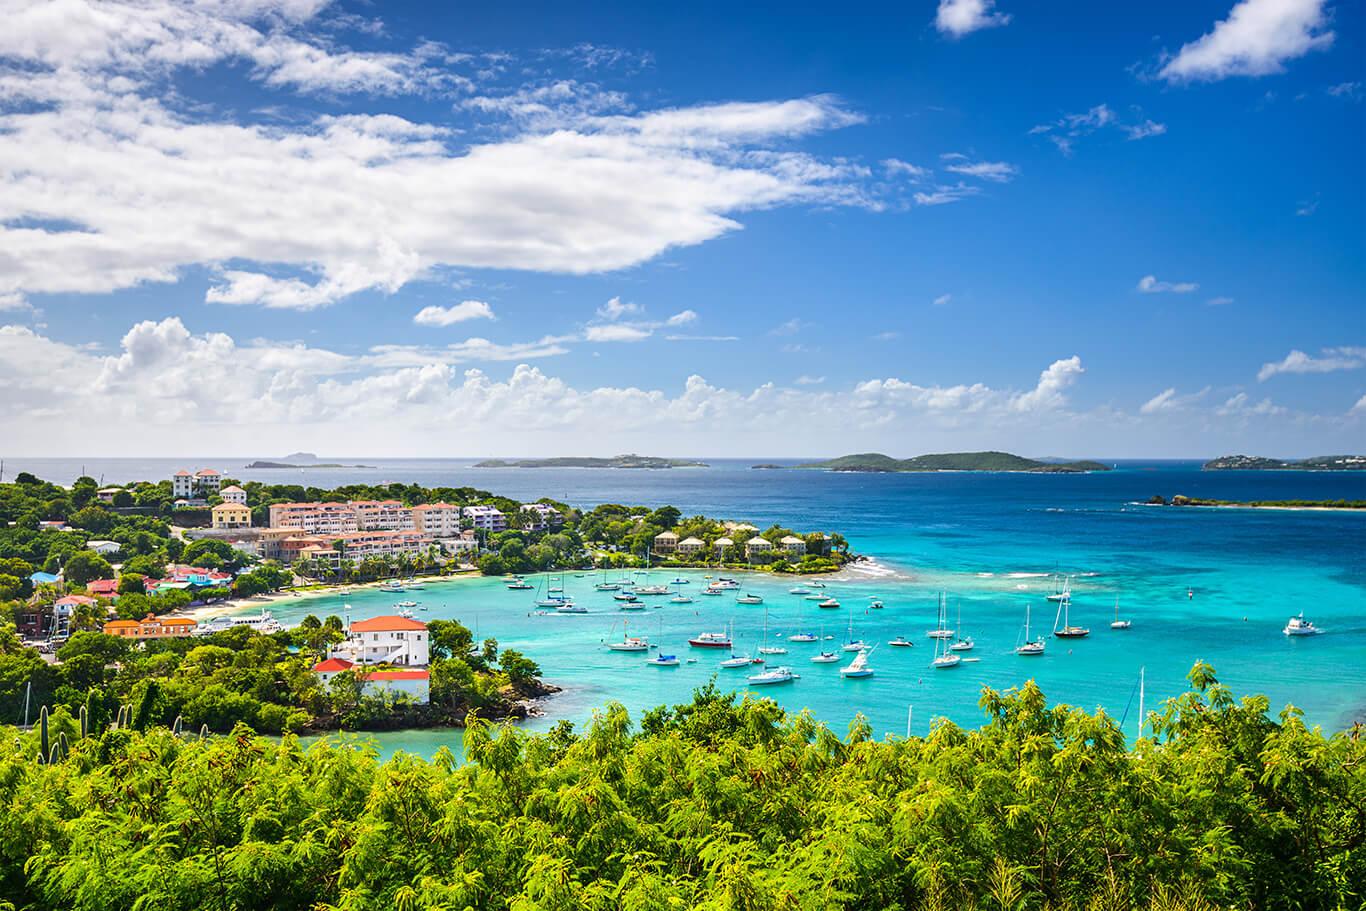 Karibik - Strandhotels